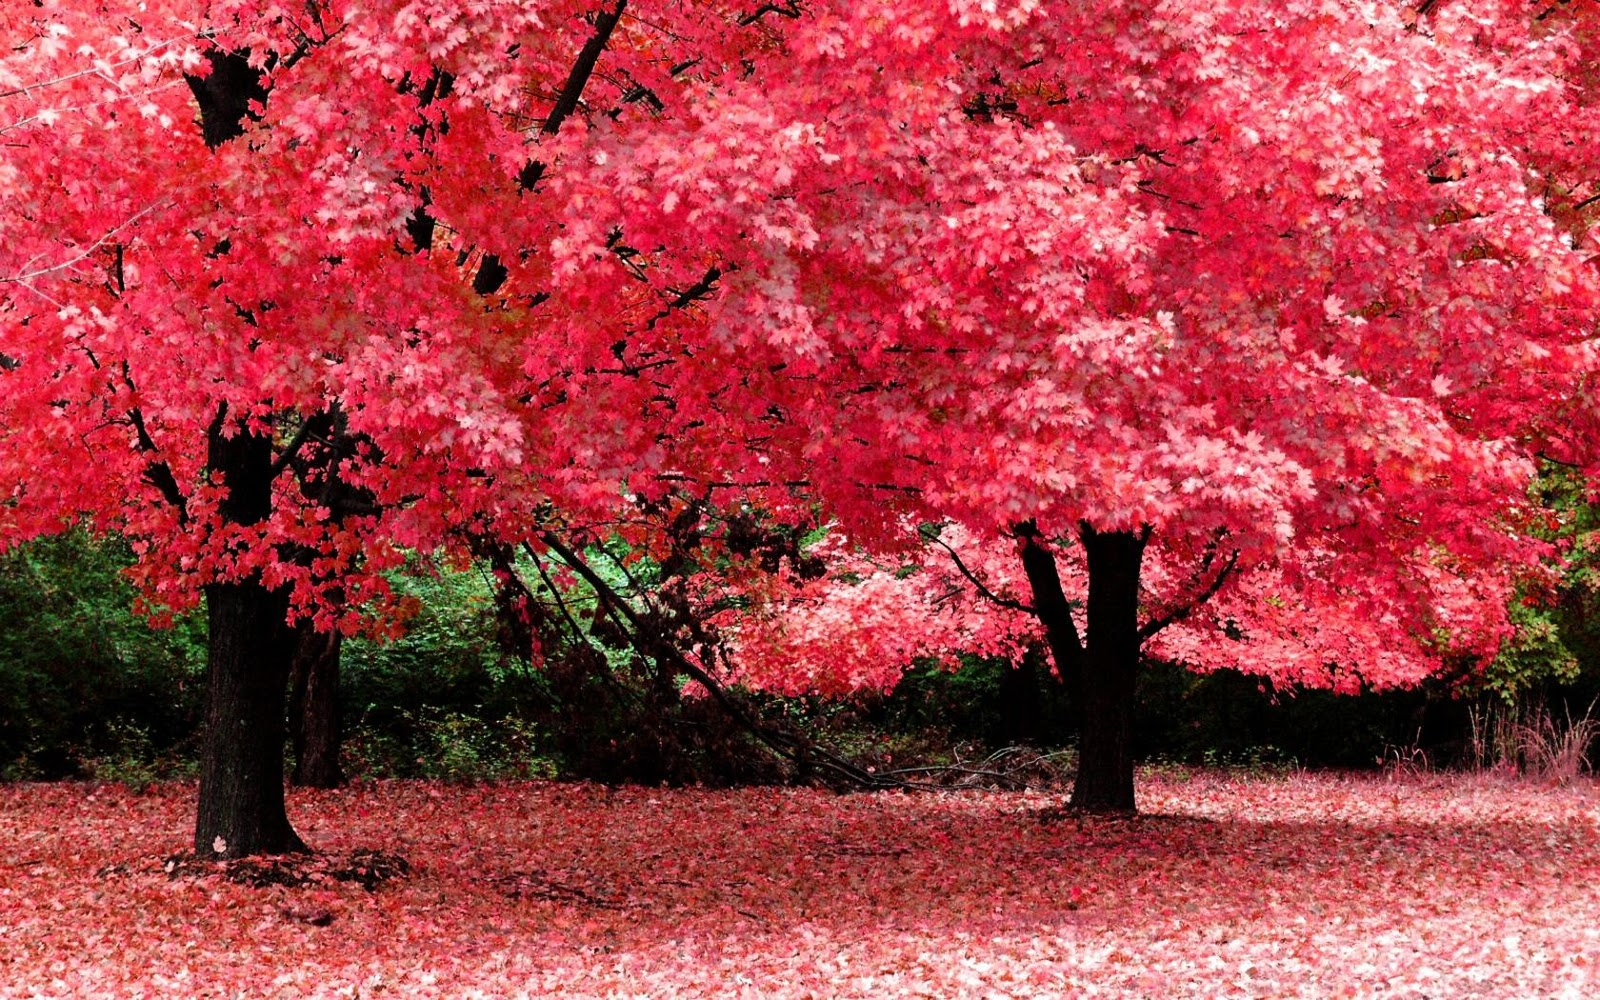 http://4.bp.blogspot.com/-falNq6OZULw/TsvIs0fRPpI/AAAAAAAAK_E/K7B82aaiZCc/s1600/beautiful+nature+wallpaper+hd+widescreen.jpg